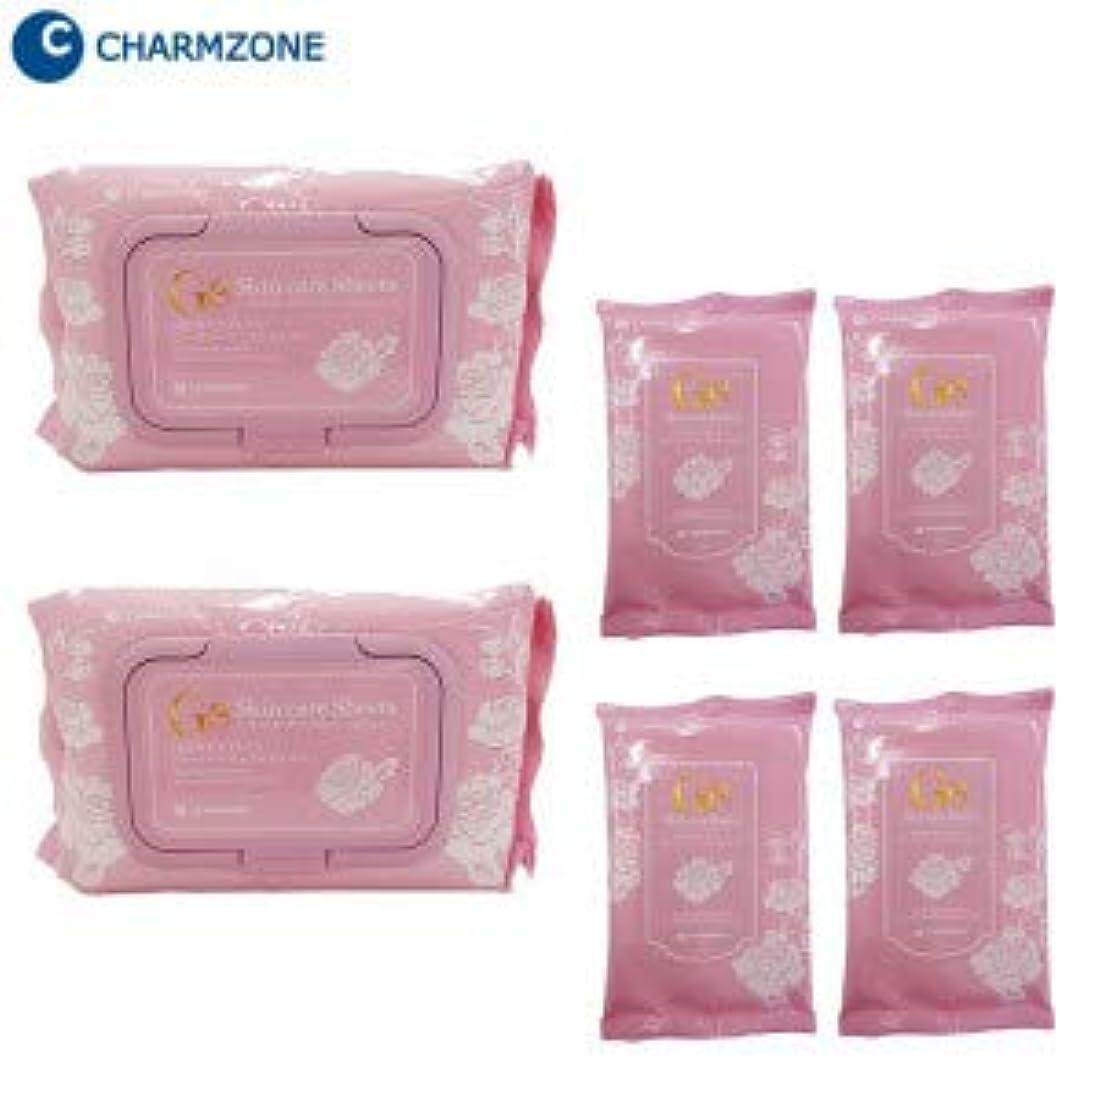 礼儀顔料挽く韓国コスメ チャームゾーン Ge スキンケアシート ローズパーフェクトモイスト 160枚(1包60枚×2個、1包10枚×4個)セット RPM160